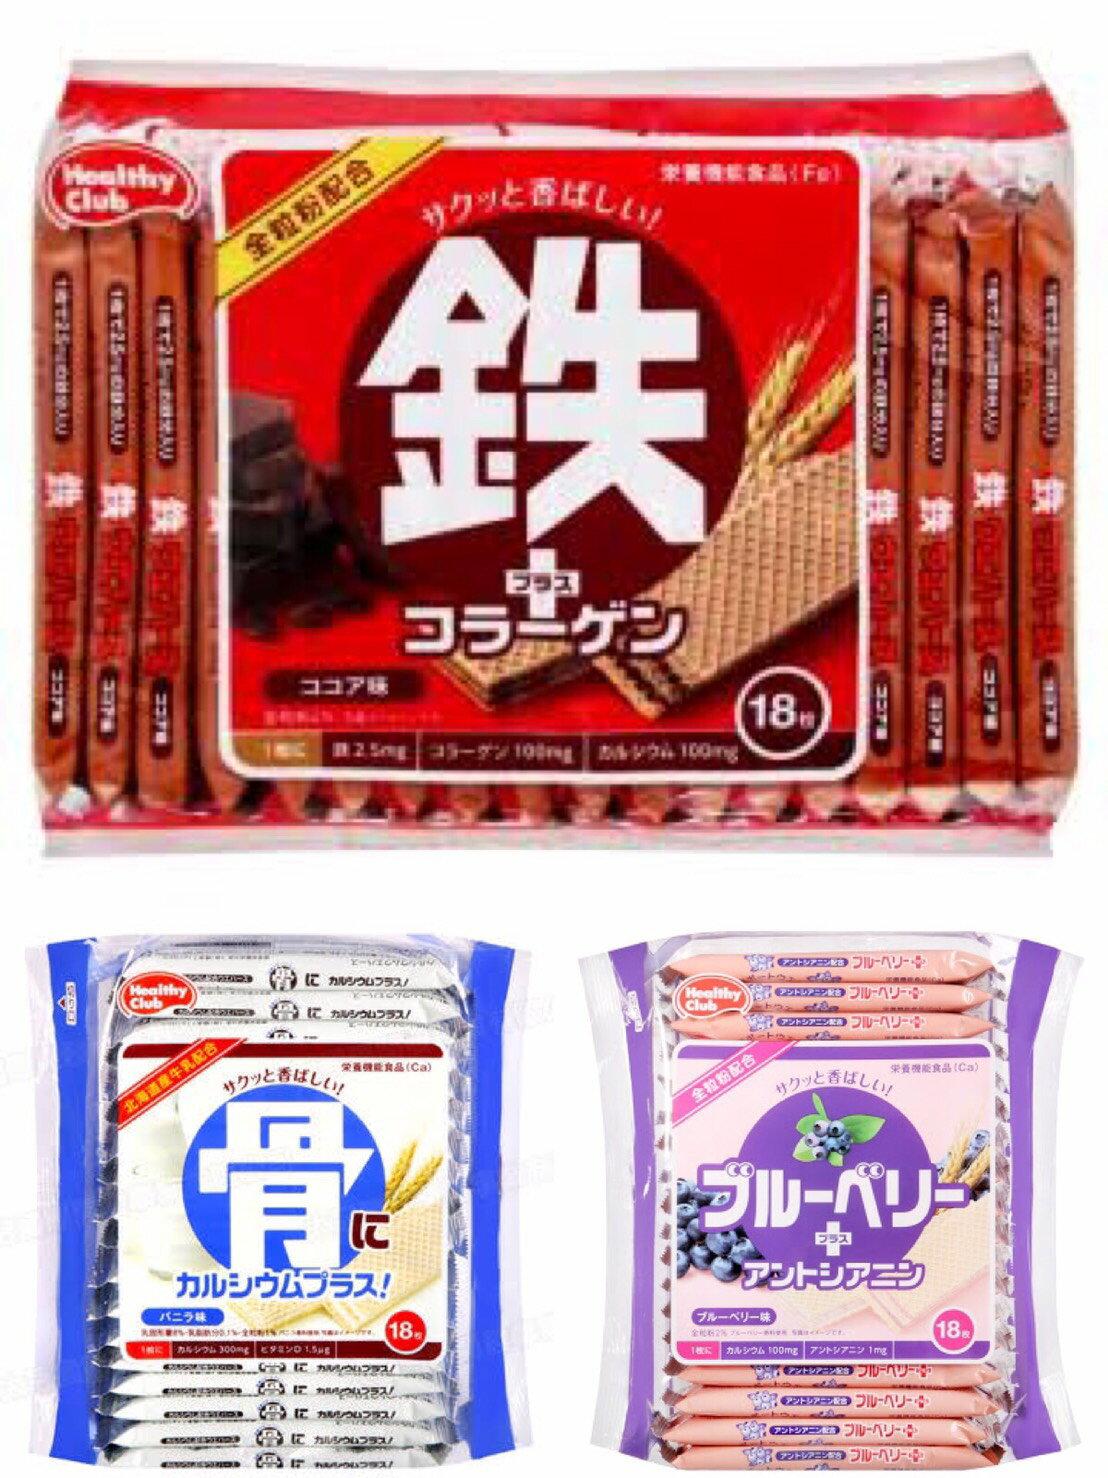 日本 原裝進口 Hamada 哈瑪達 骨威化鈣餅乾 藍莓威化 巧克力威化 威化餅乾 哈馬達威化餅 櫻花寶寶